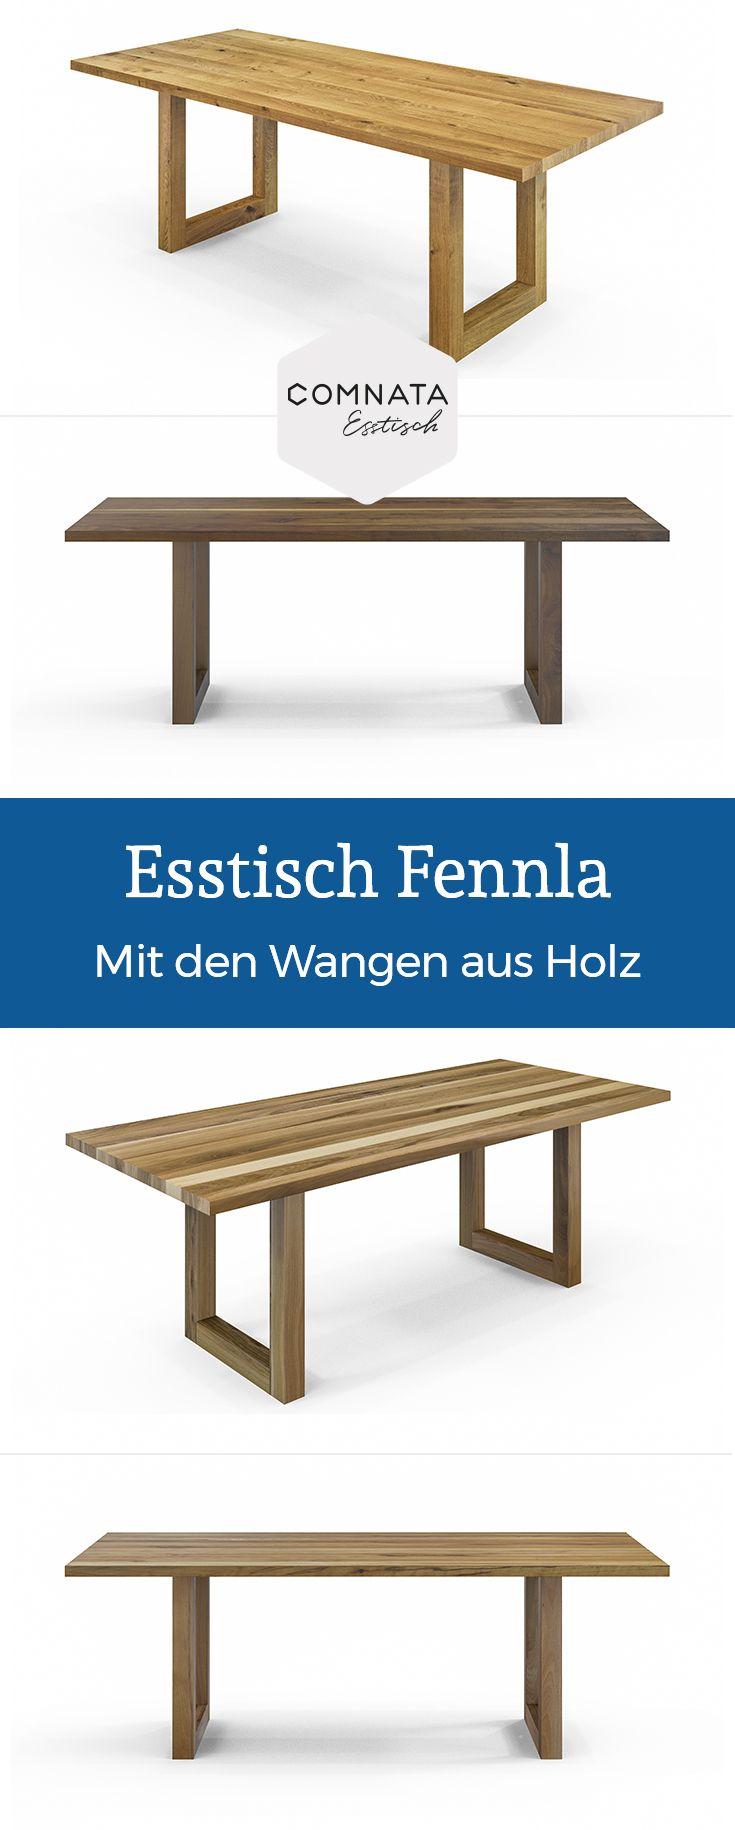 COMNATA Esstisch Fennla konfigurieren und online kaufen